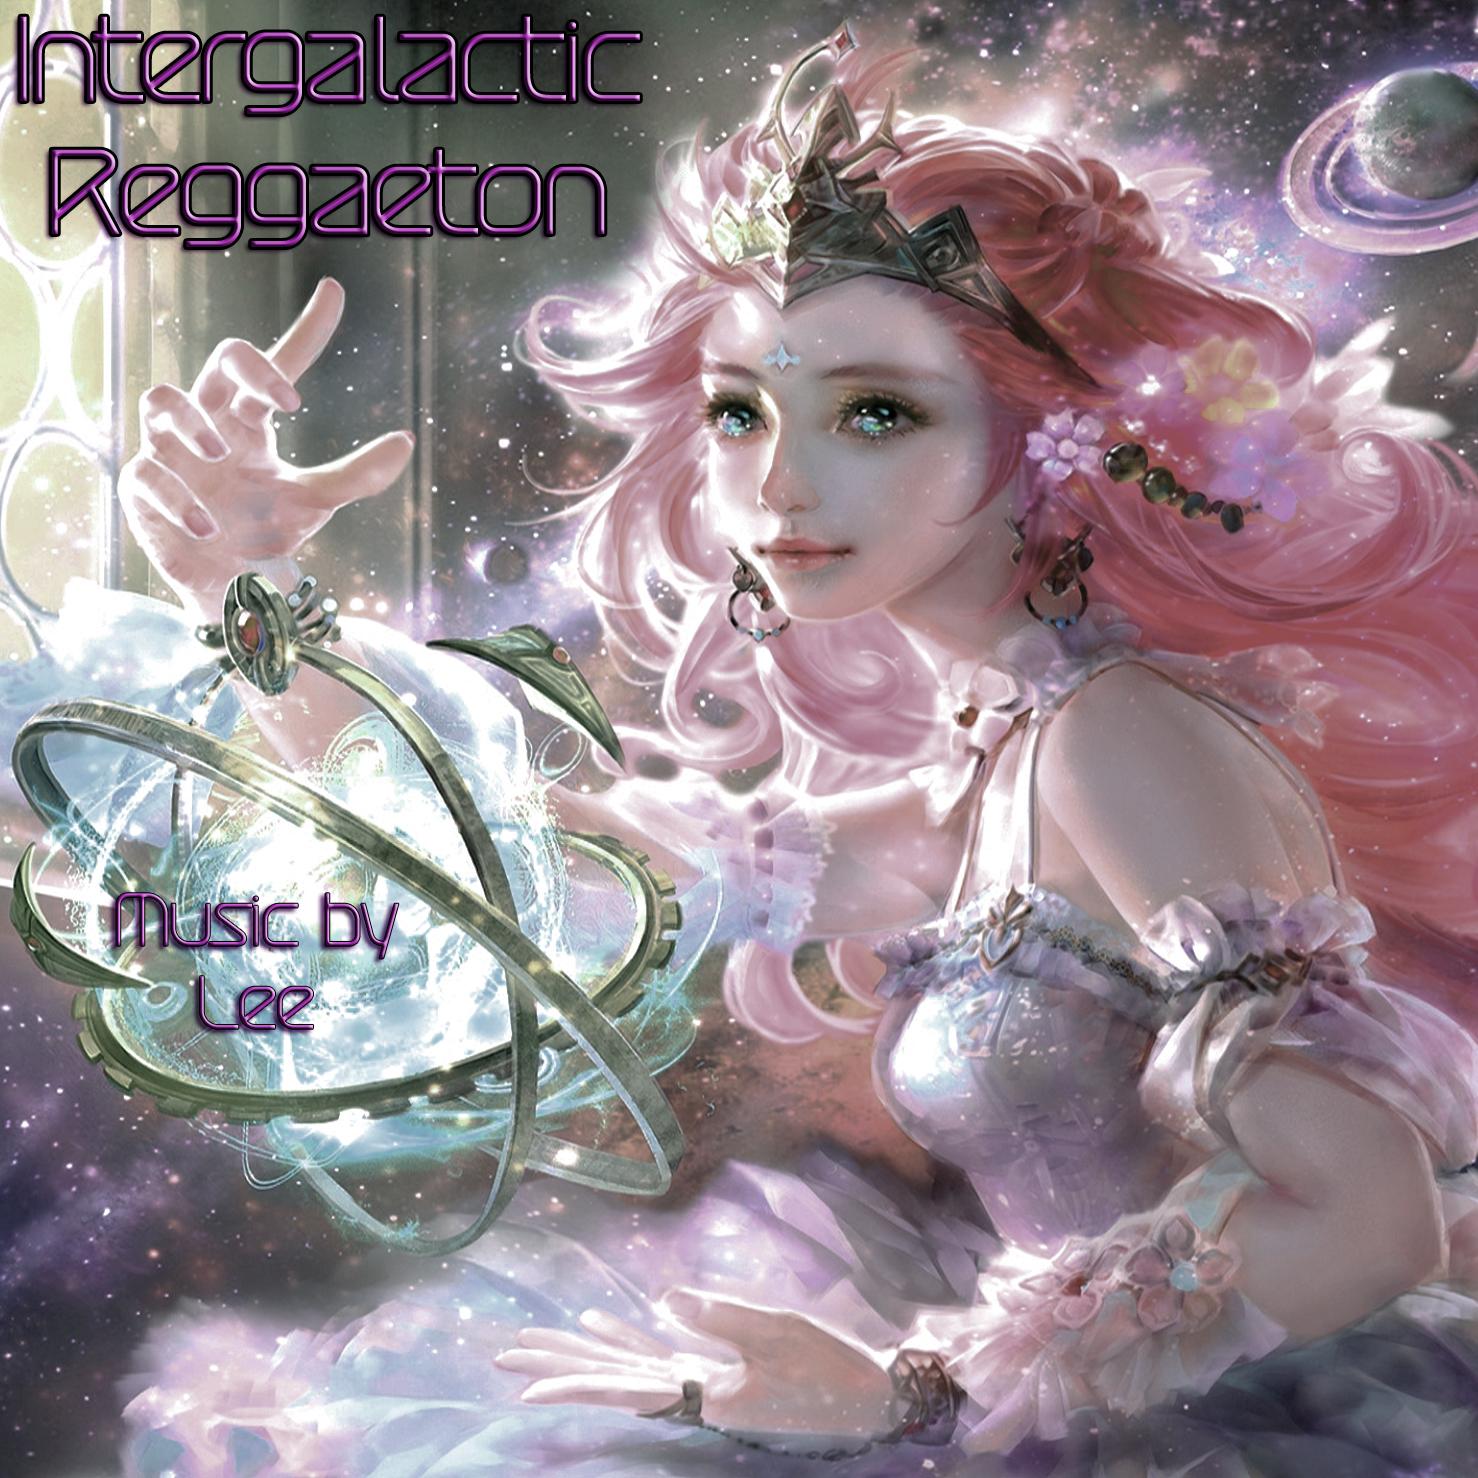 Intergalactic Reggaeton